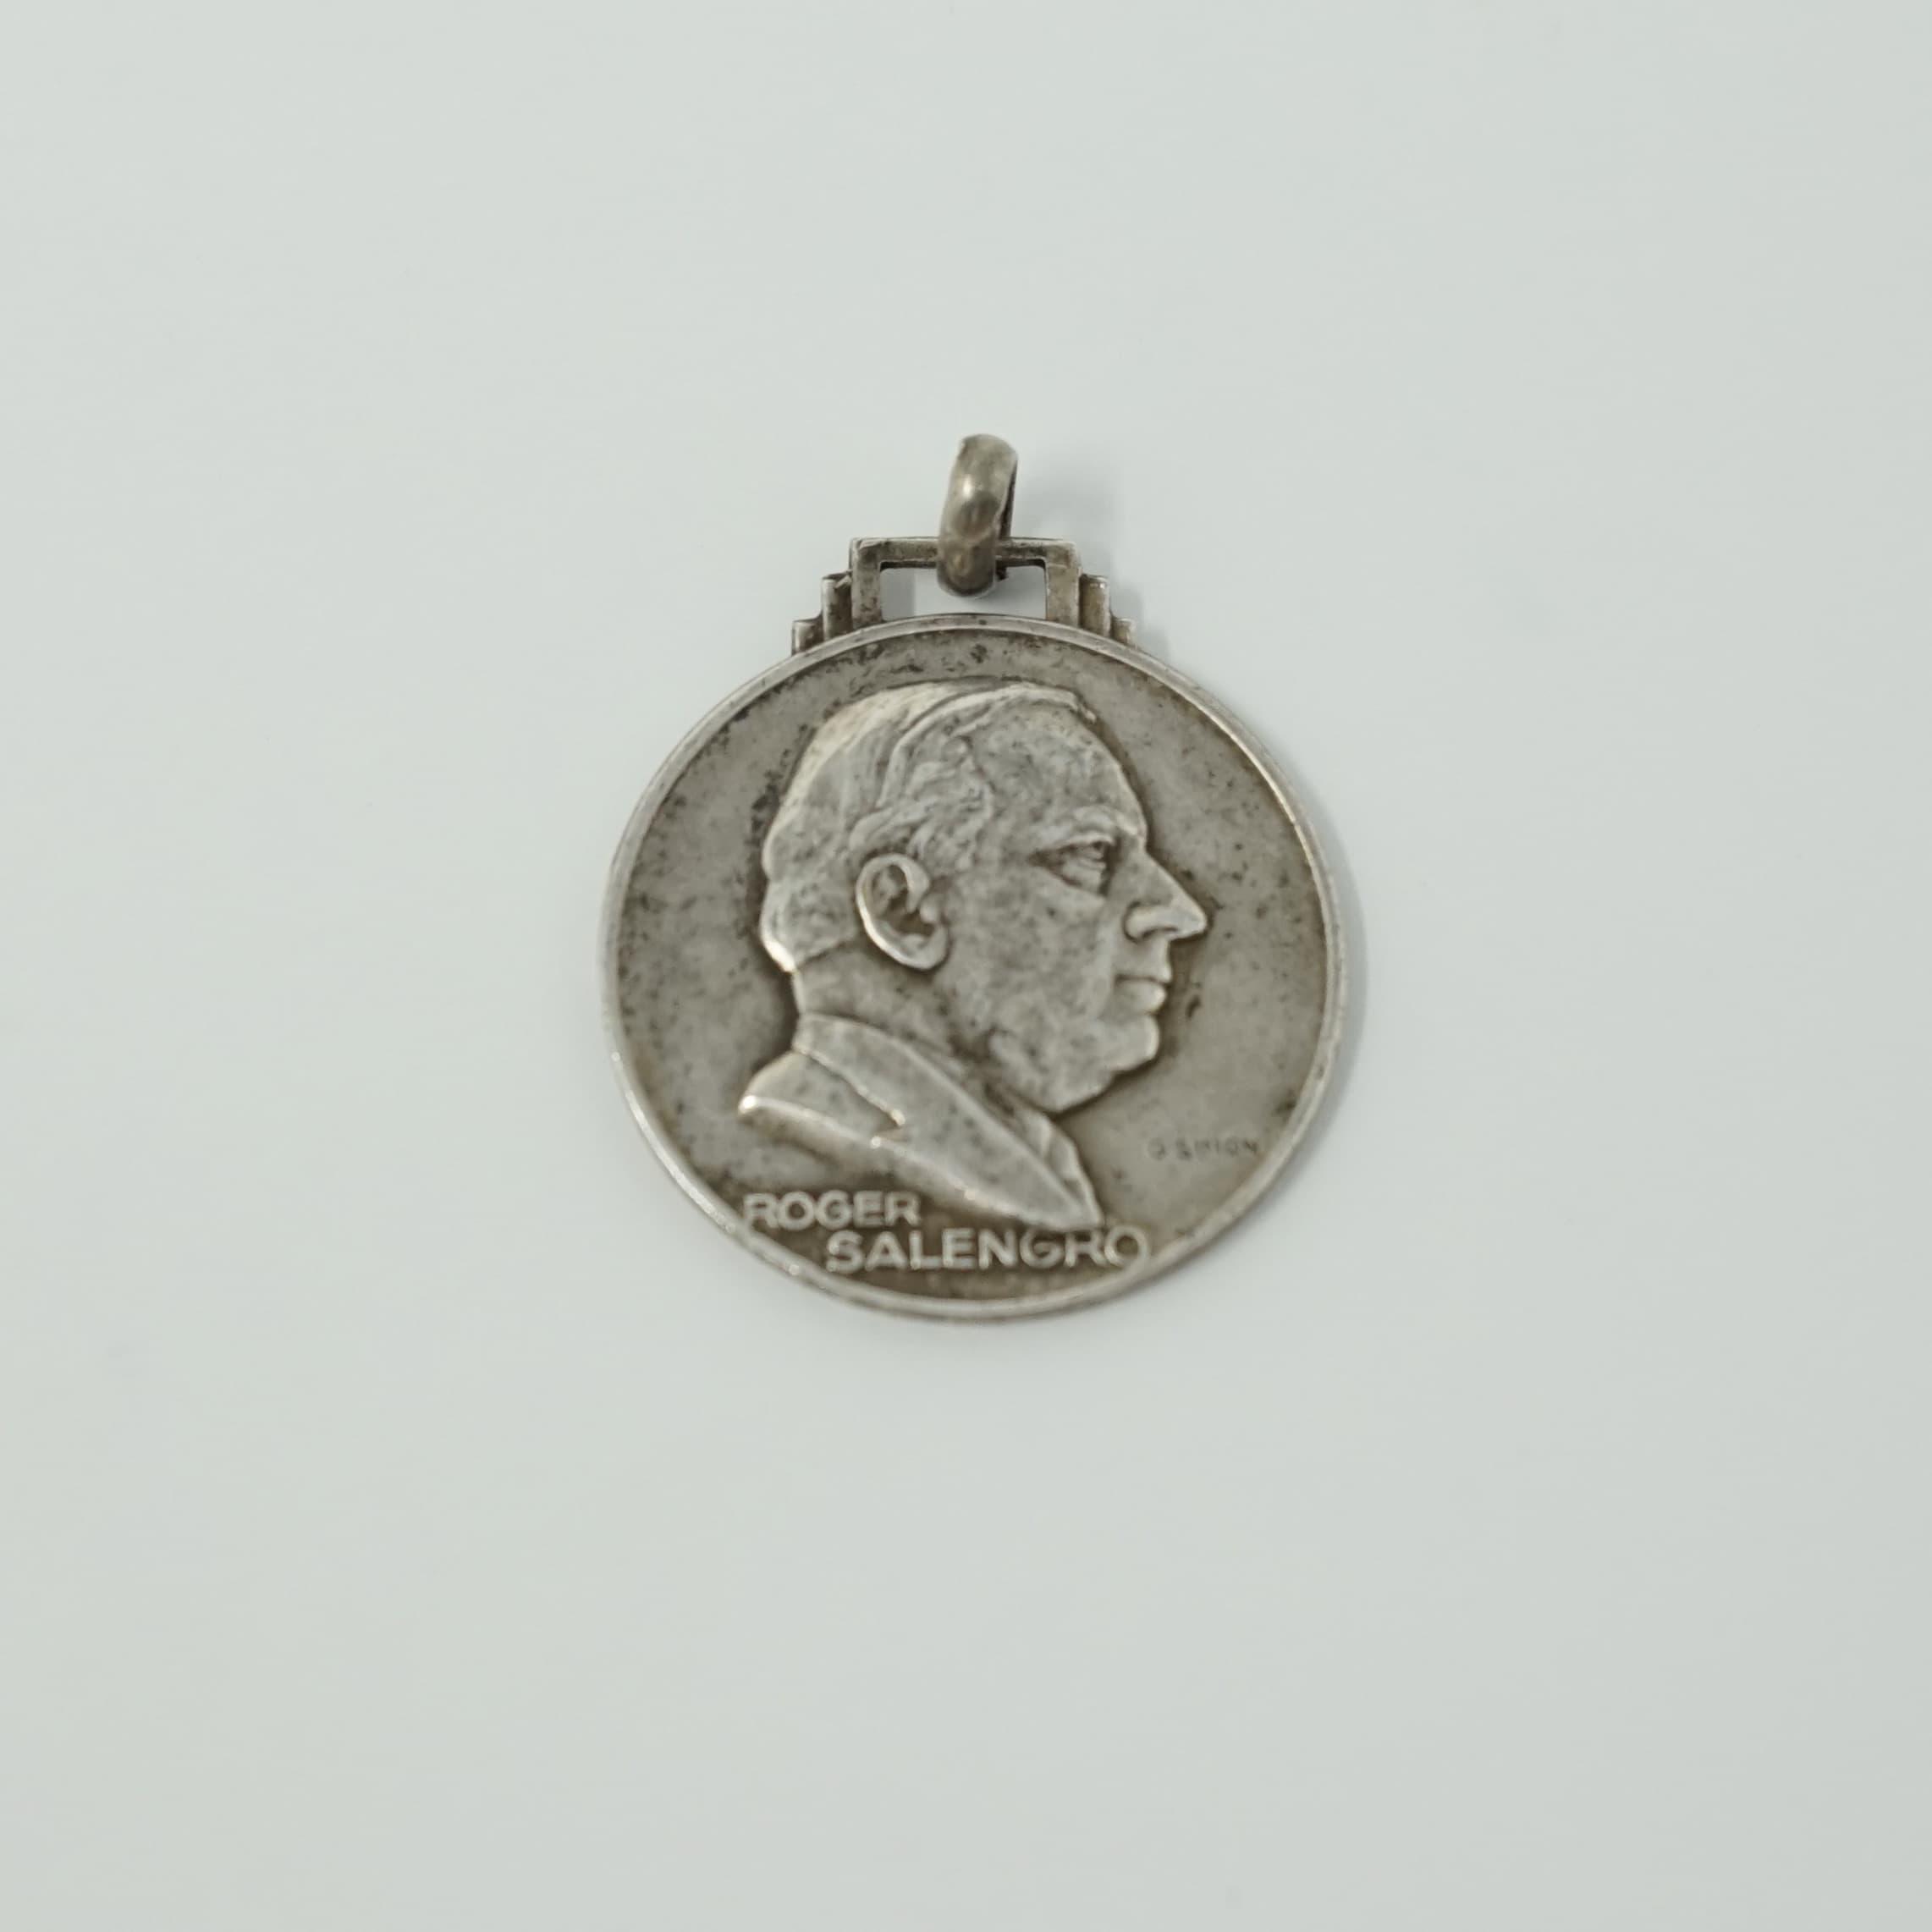 Médaille Roger Salengro en Argent